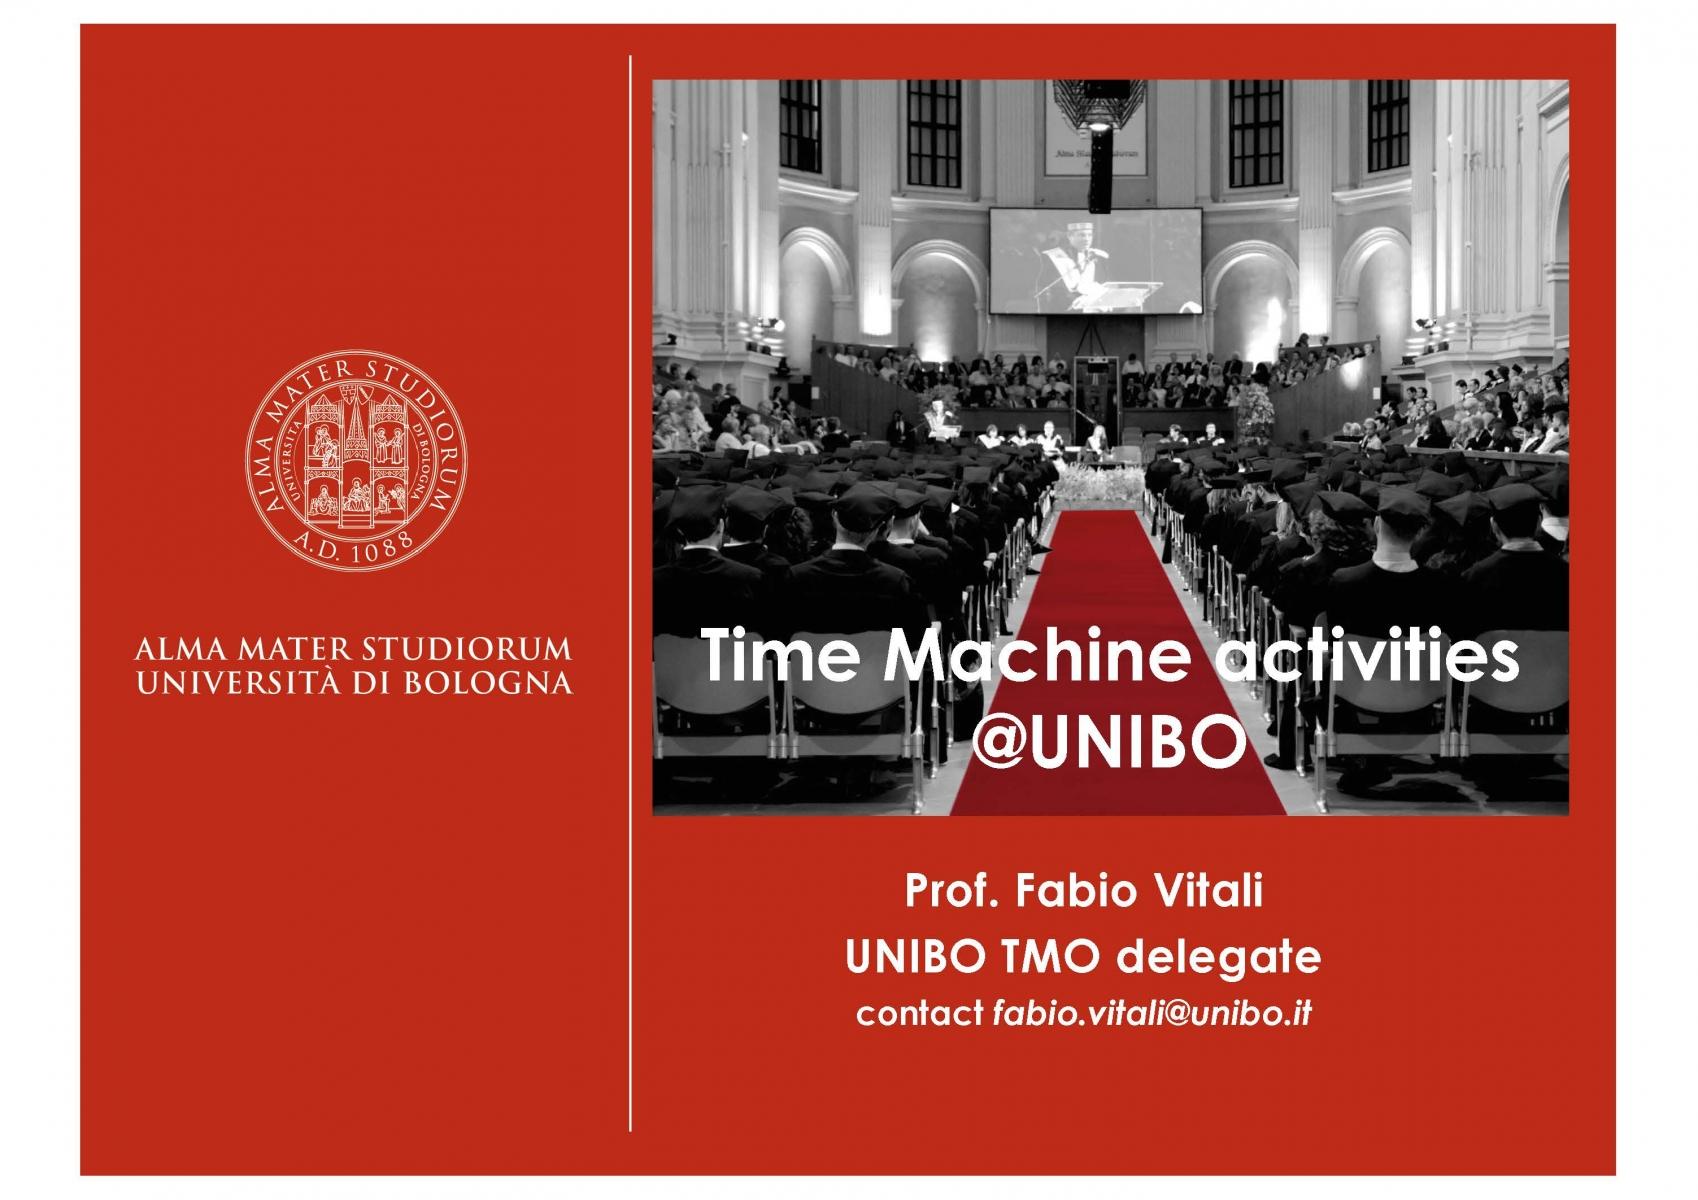 University of Bologna (pres.by Fabio Vitali)